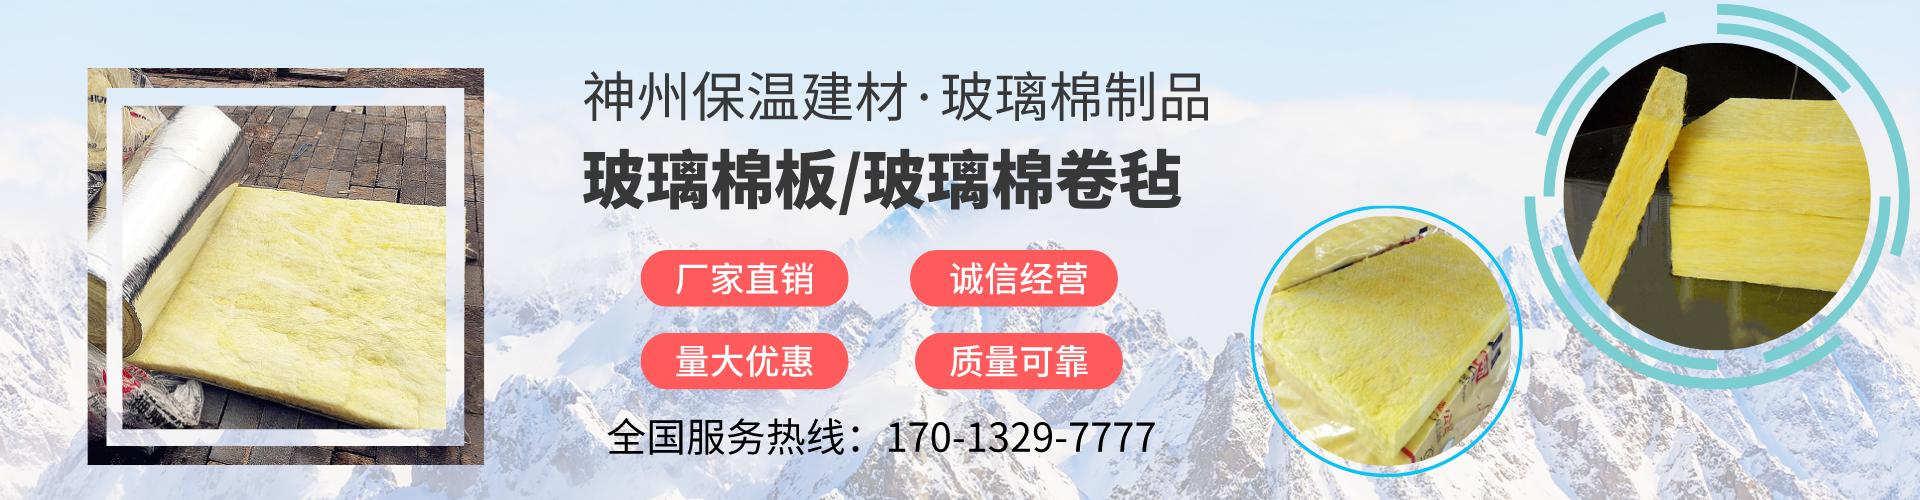 华美集团玻璃棉有限公司:供应多规格玻璃棉,免费拿样,厂家直销,欢迎咨询!